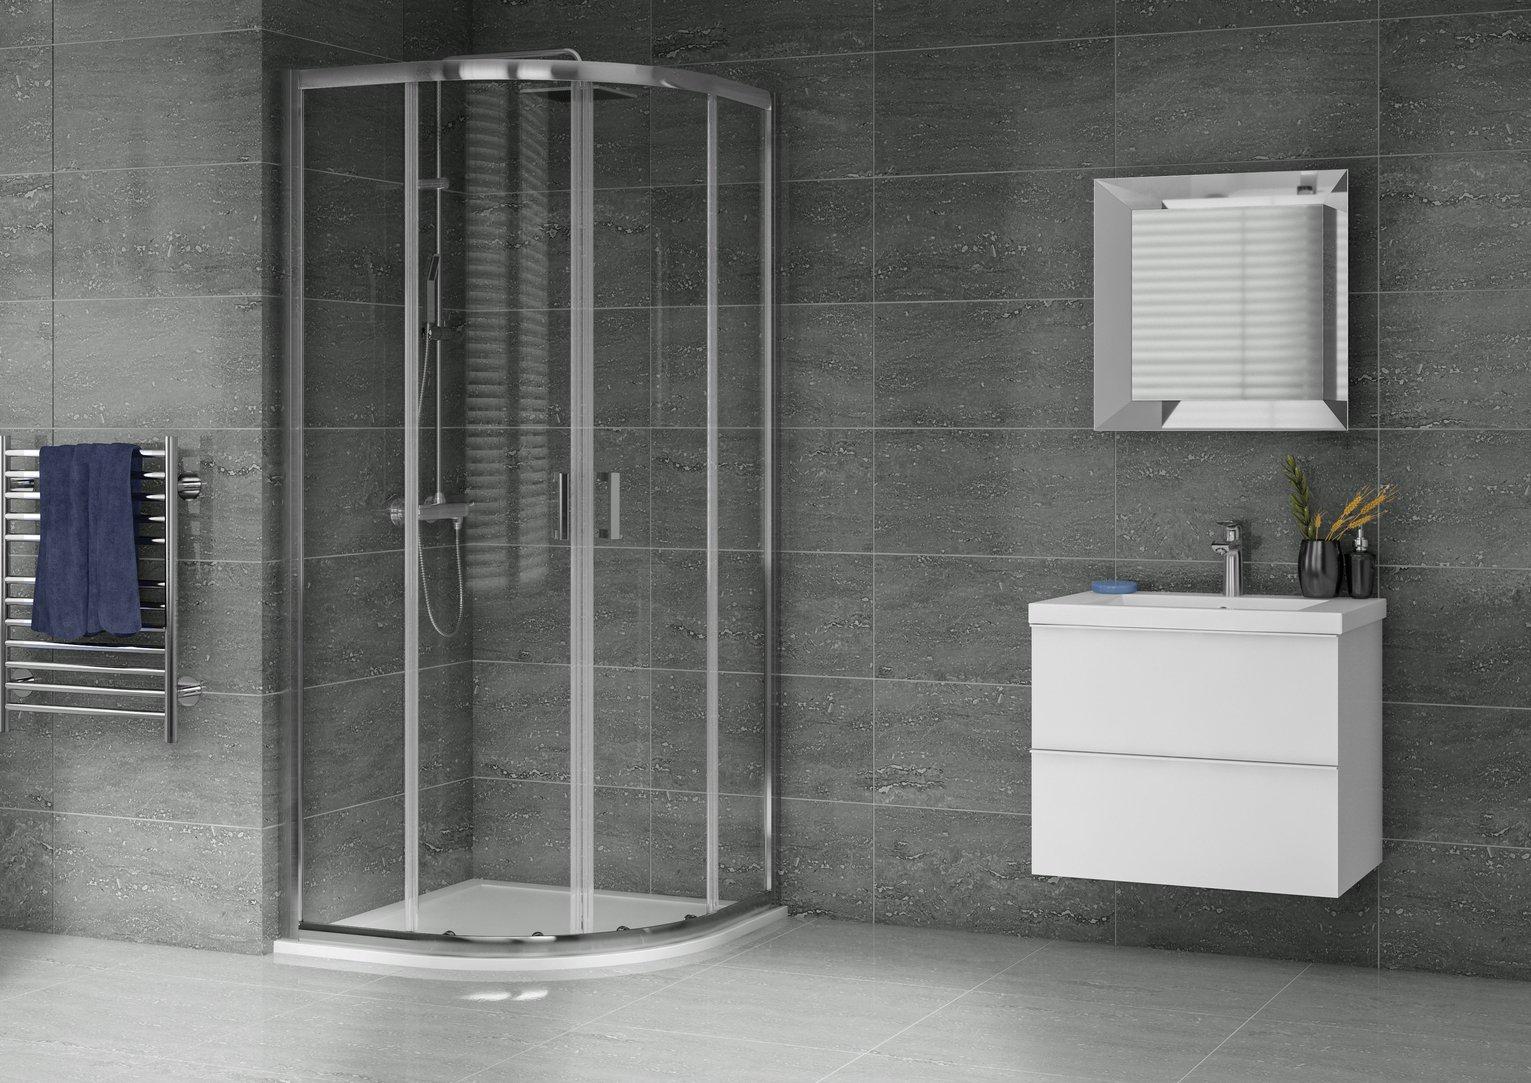 Aqualux 900mm x 900mm Quadrant Enclosure & Shower Tray